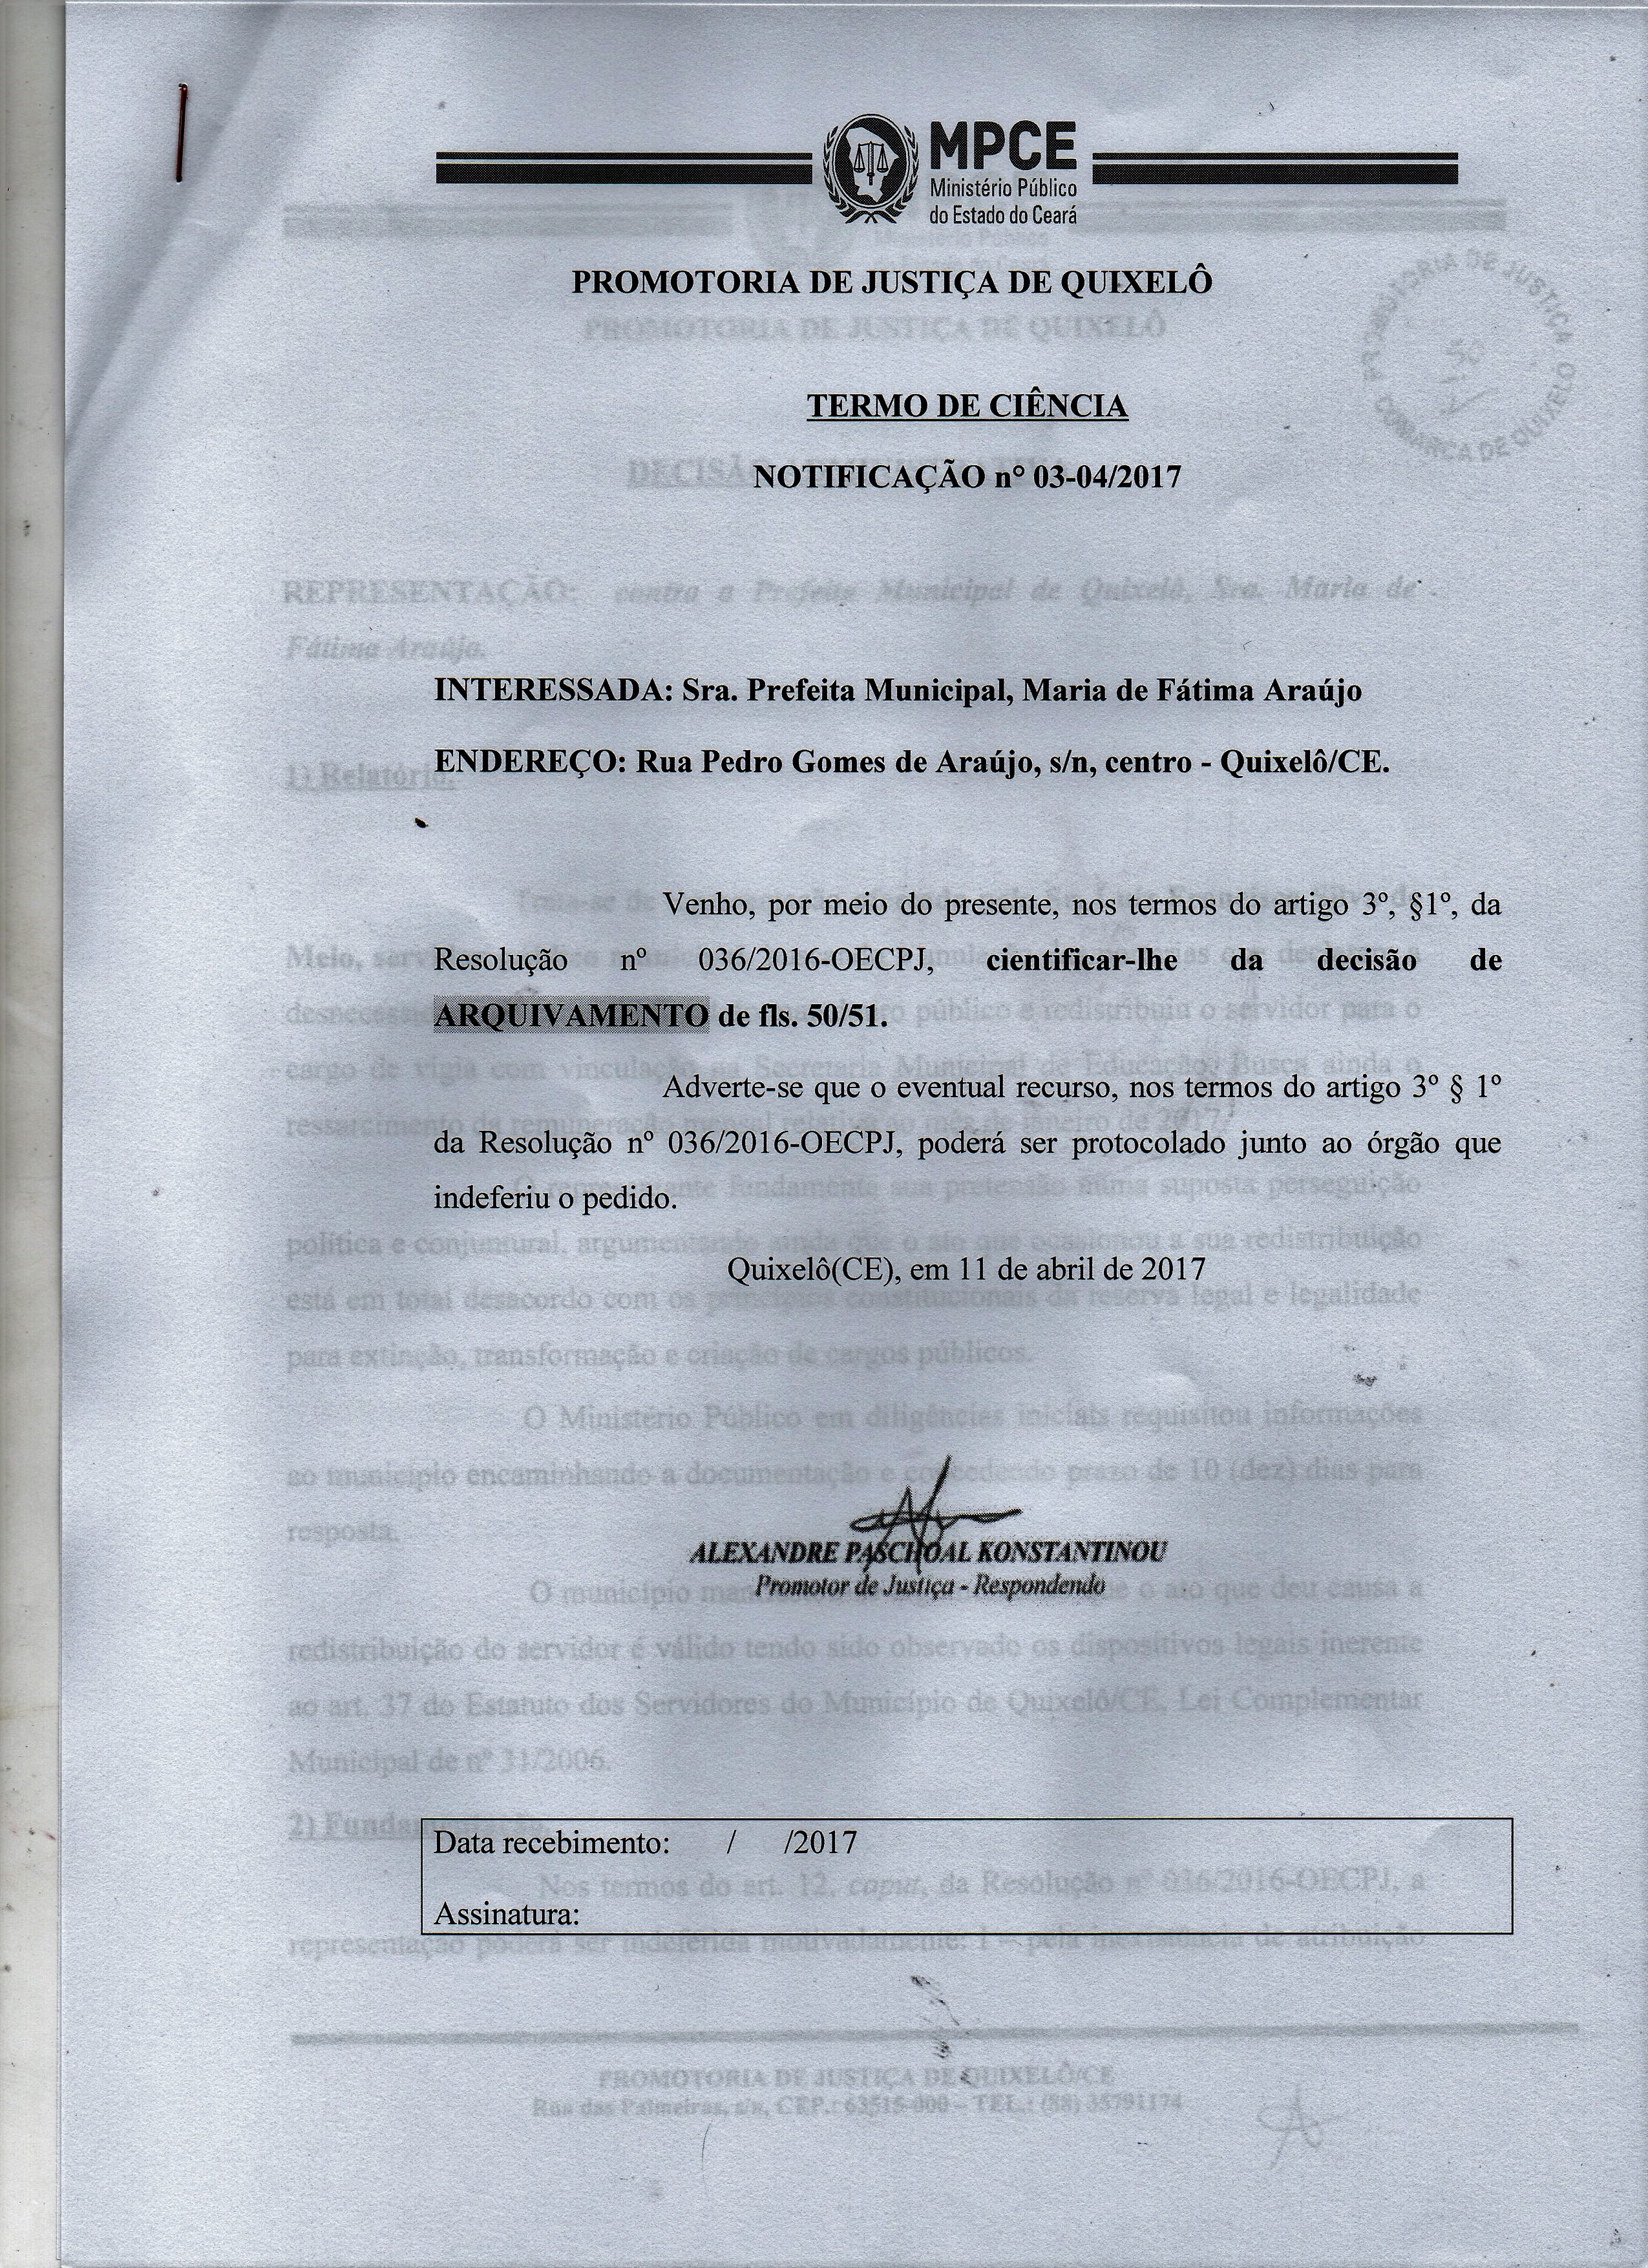 URGENTE! Ministério Público conclui que atos administrativos não foram praticados com fins de perseguição política